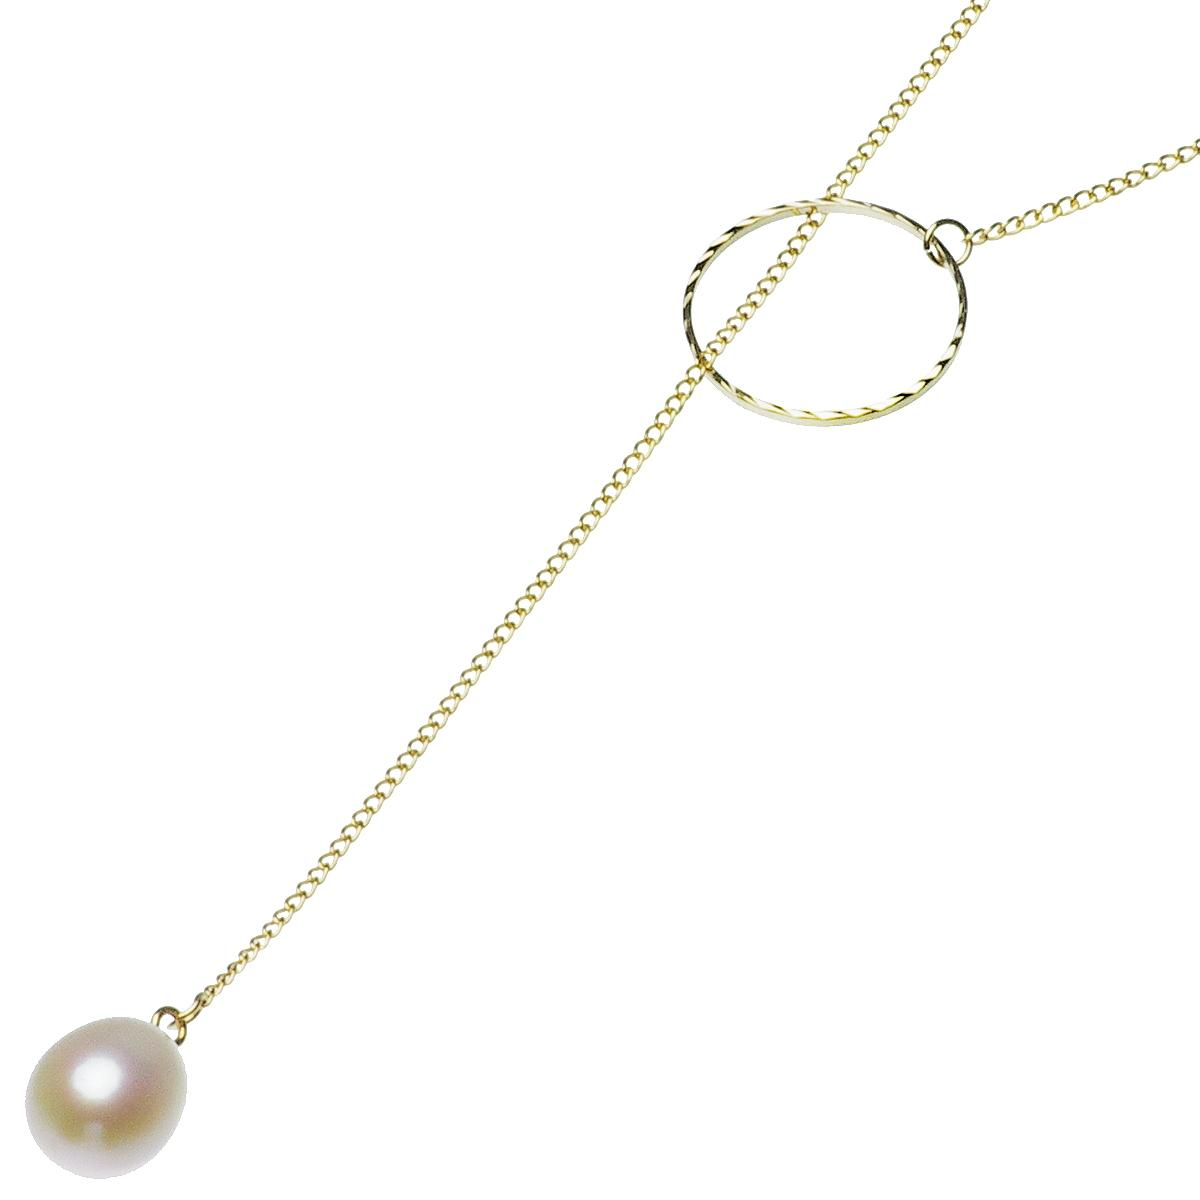 淡水真珠 ロング ラリエット ネックレス 約9.0-9.5mm 14金 ゴールドフィールド K14GFの写真